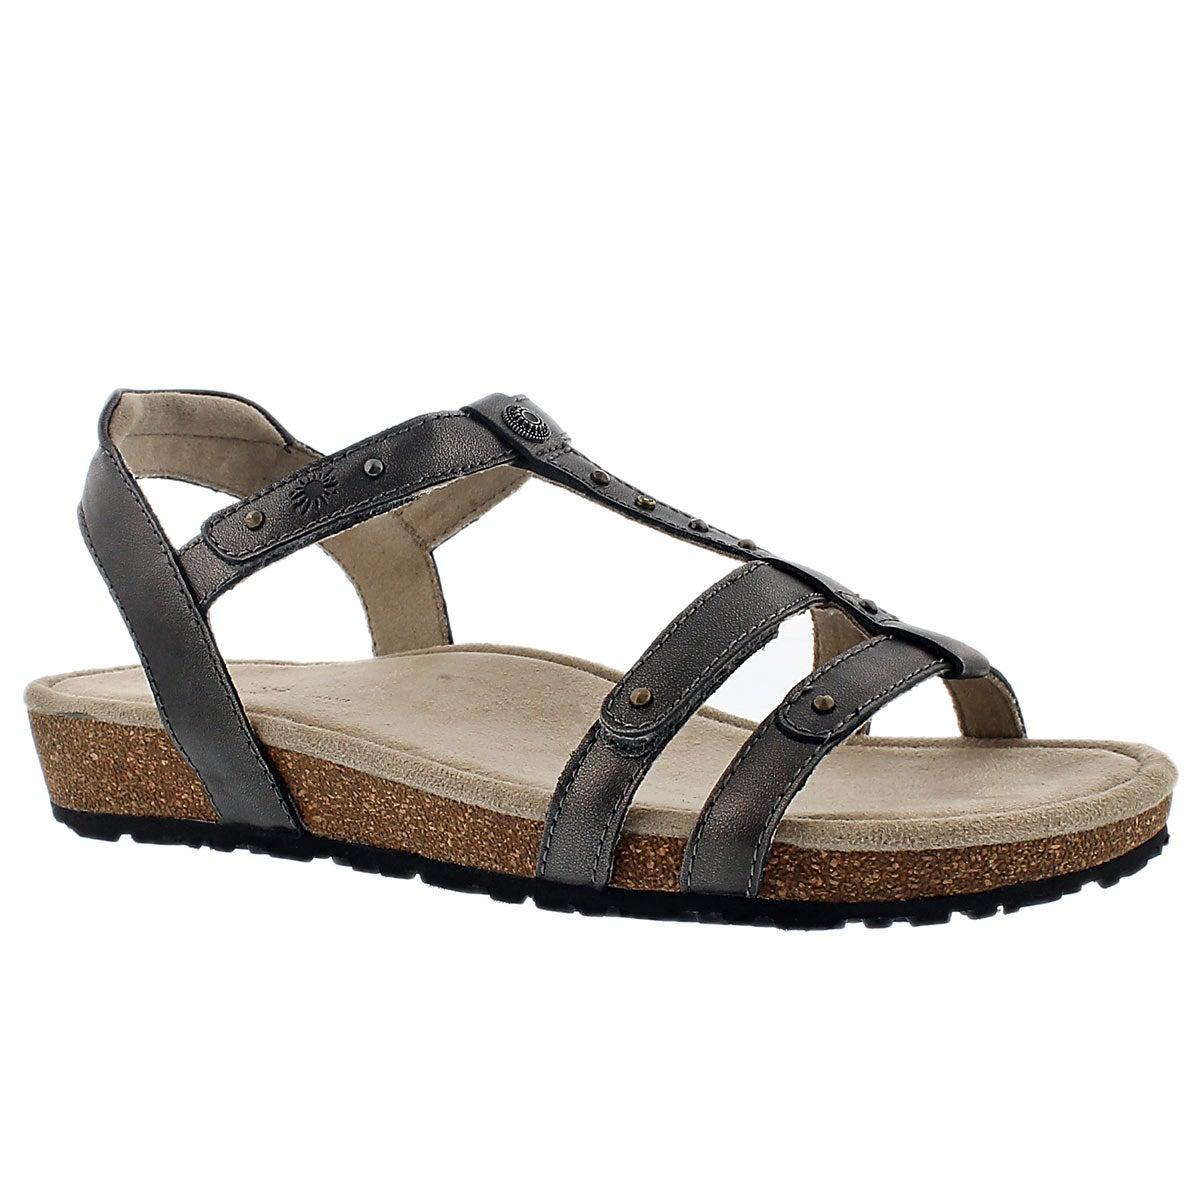 Sandale compensée Thelma, étain, femmes